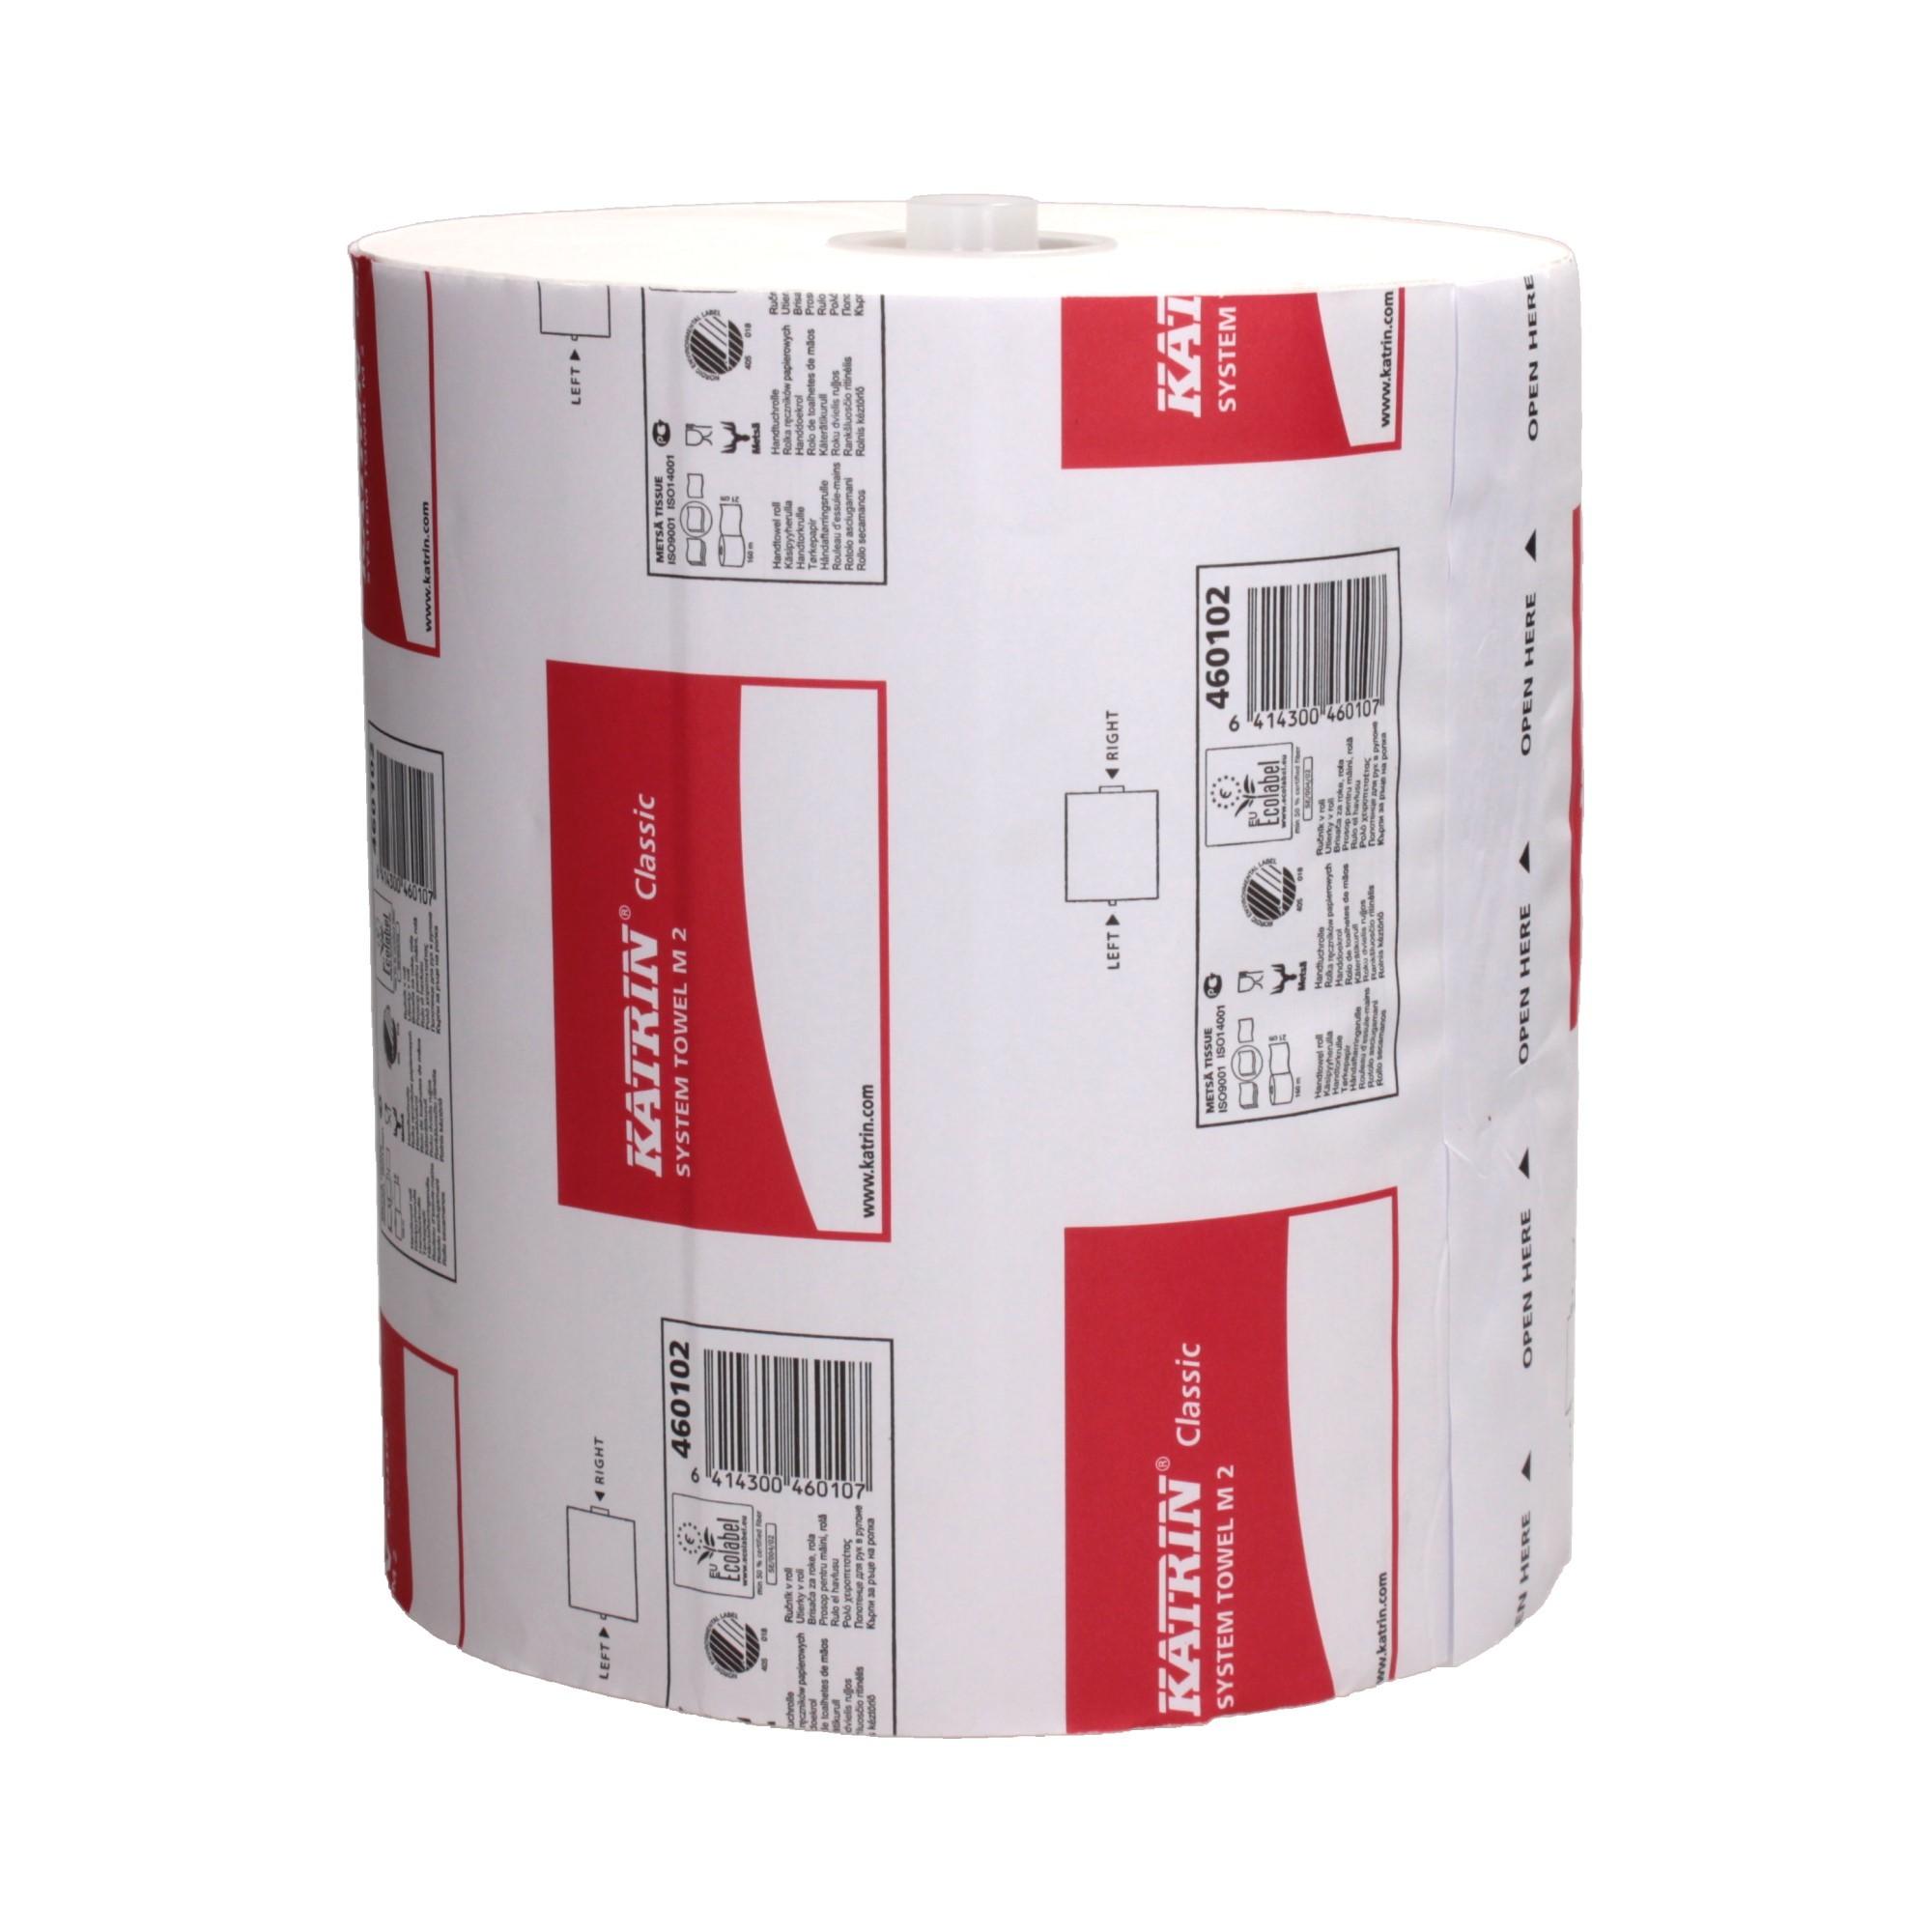 Ręcznik papierowy rola/system 2w fi190 biały KatrinClassicM2